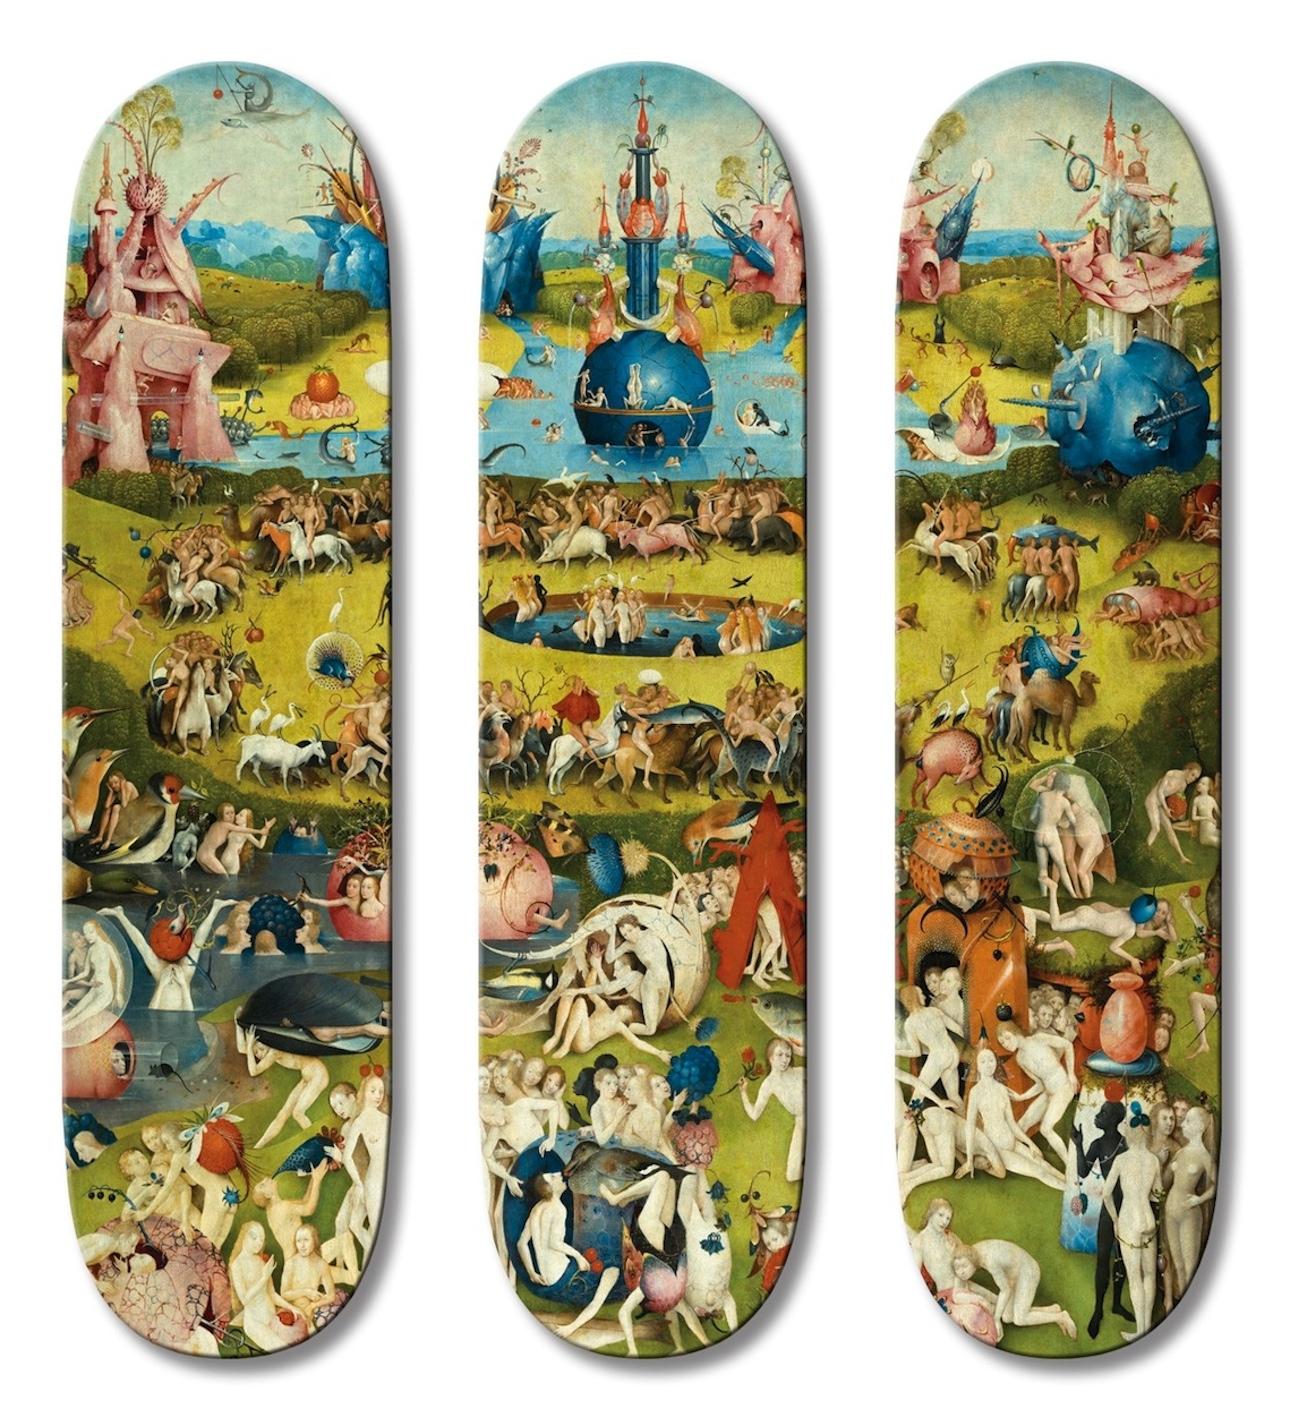 Hieronymus Bosch alkotása gördeszkákon